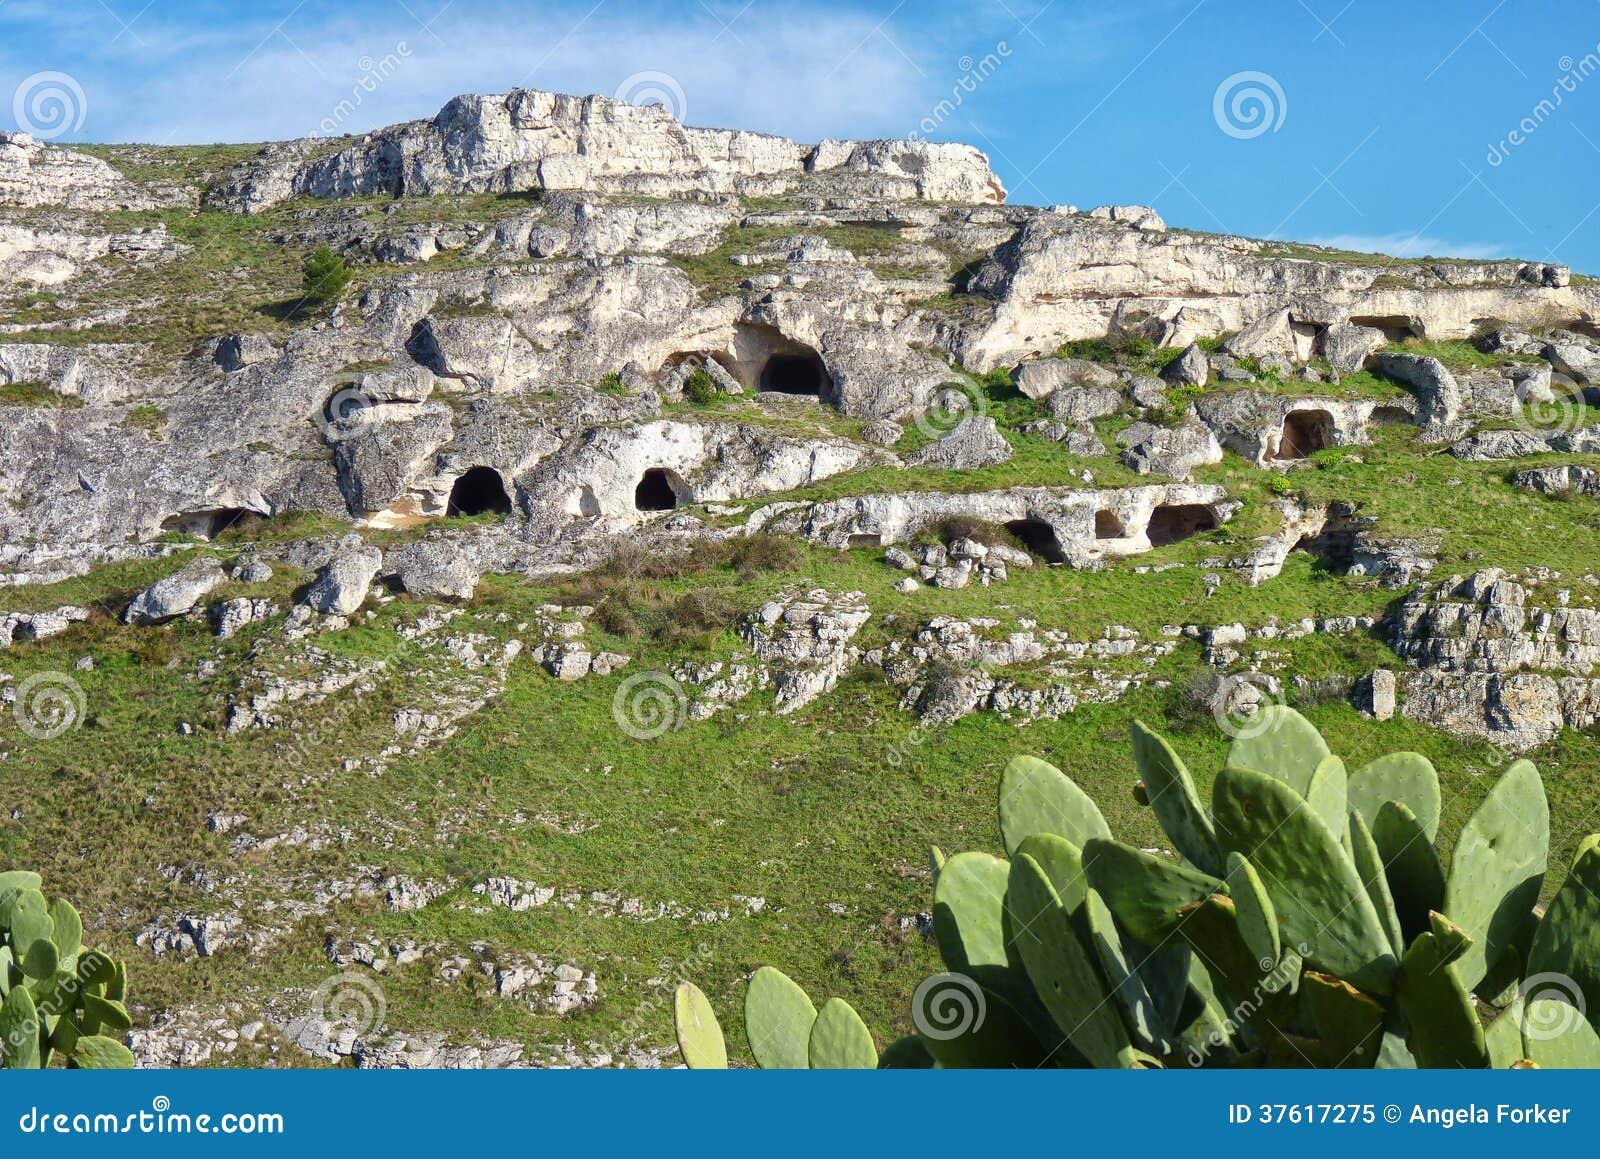 Abitazioni di caverna preistoriche fotografia stock libera for Immagini abitazioni